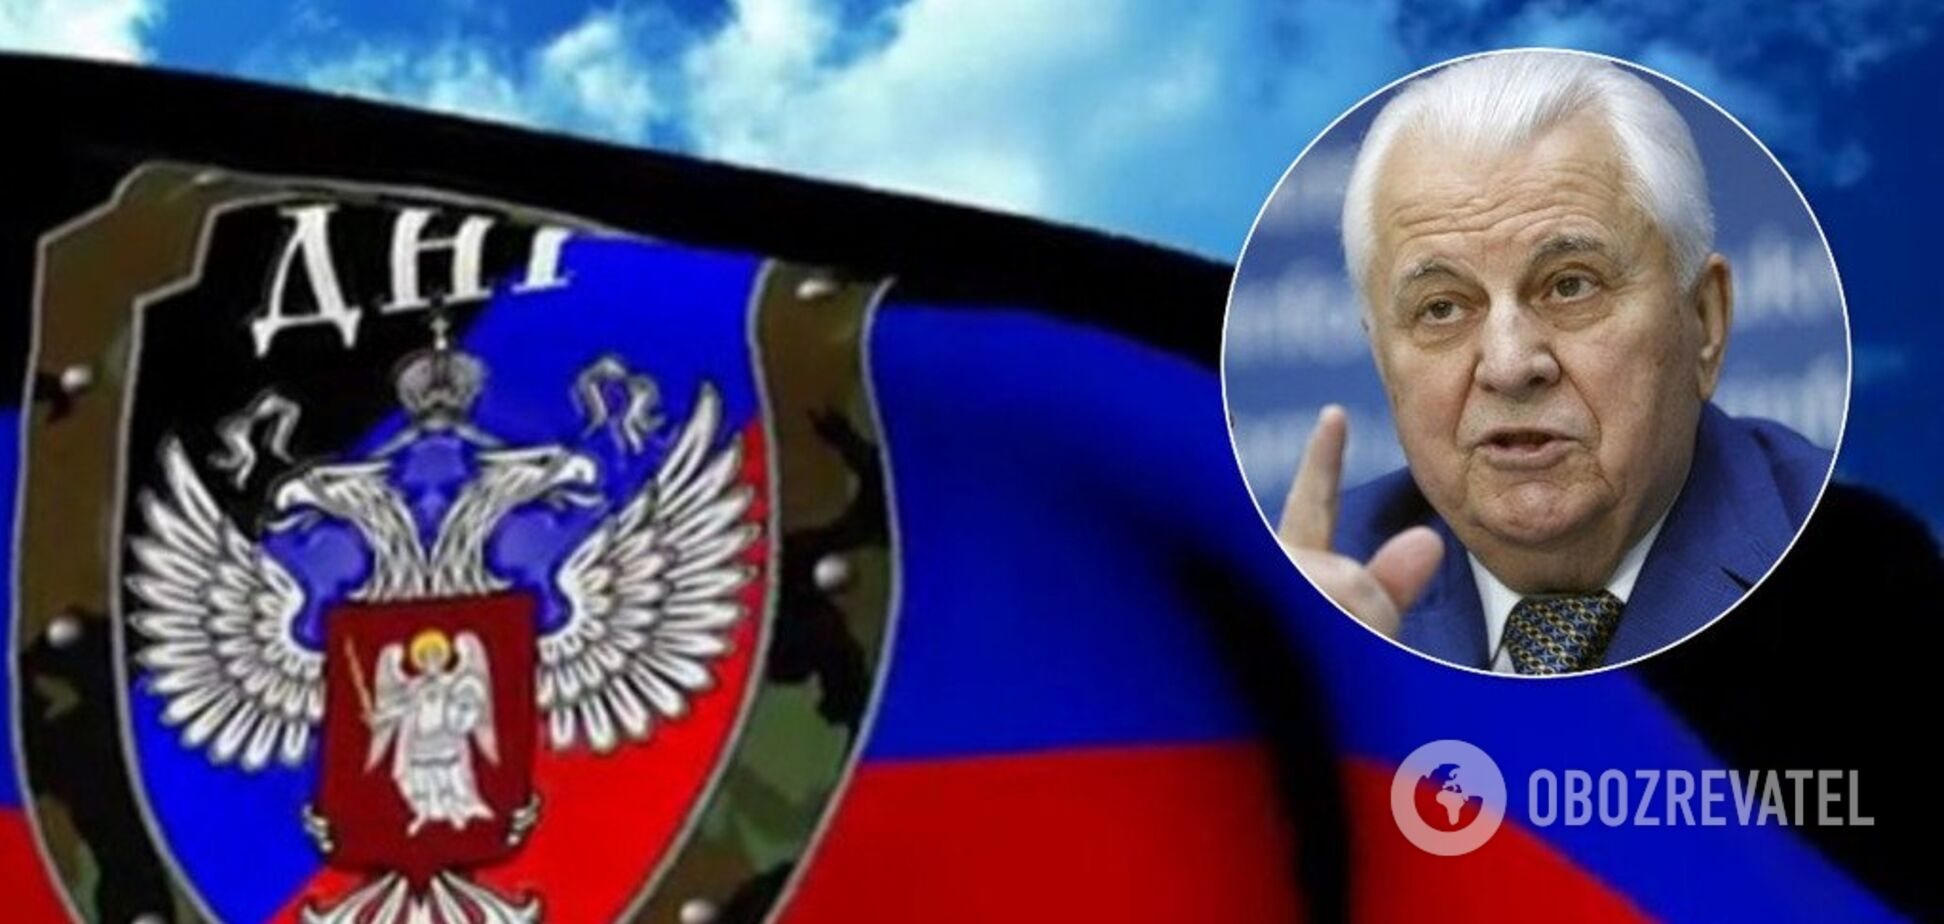 'Распустить!' Кравчук жестко высказался о террористах 'Л/ДНР'